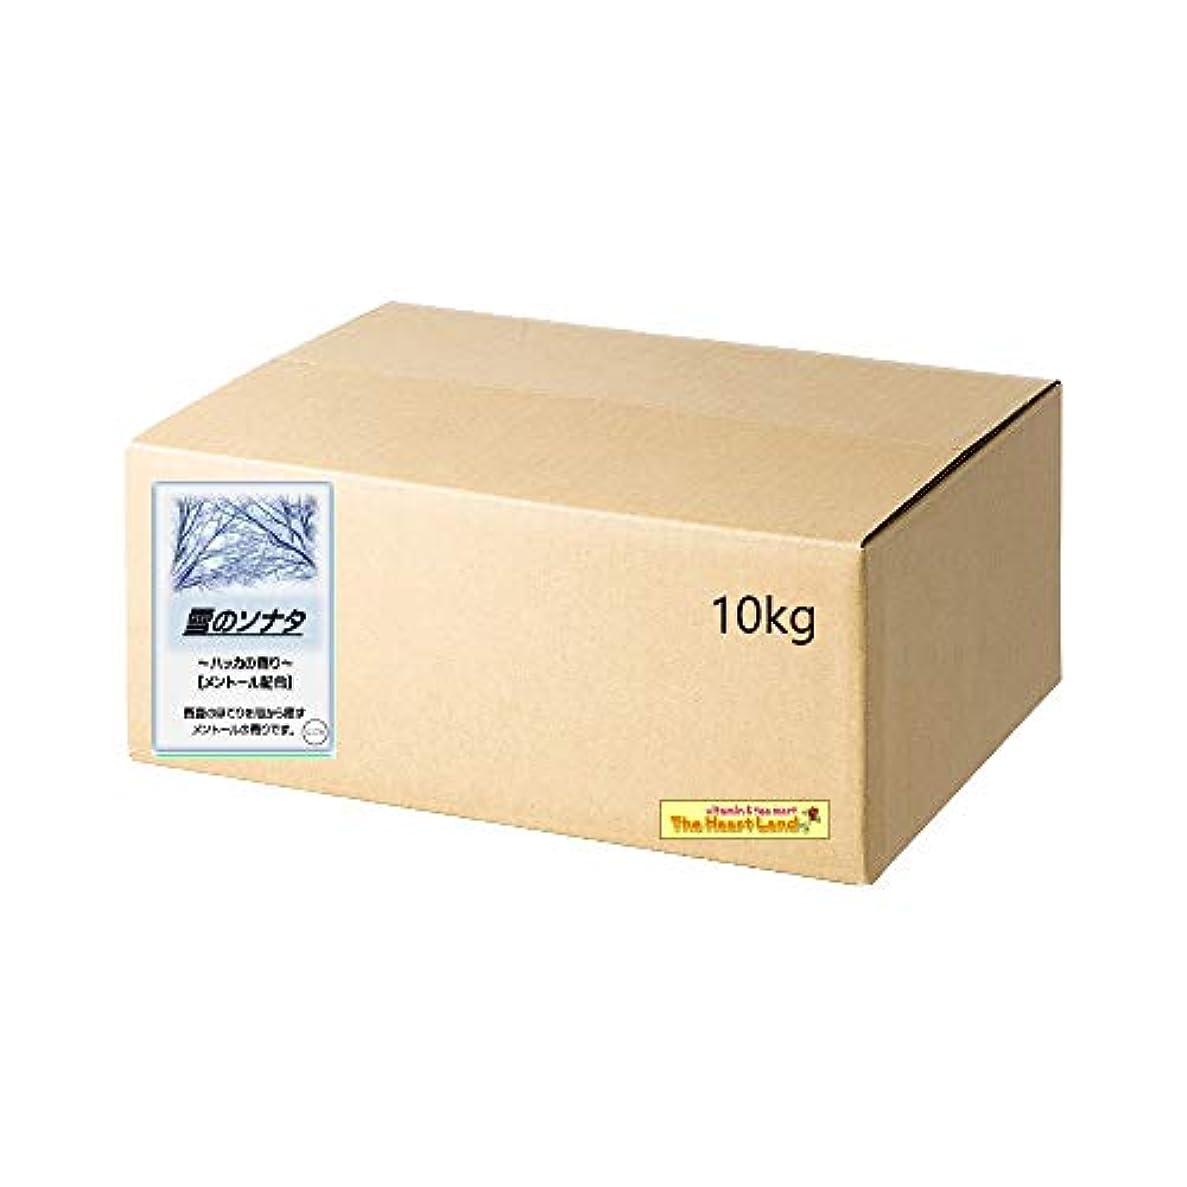 すき蜂合法アサヒ入浴剤 浴用入浴化粧品 雪のソナタ 10kg